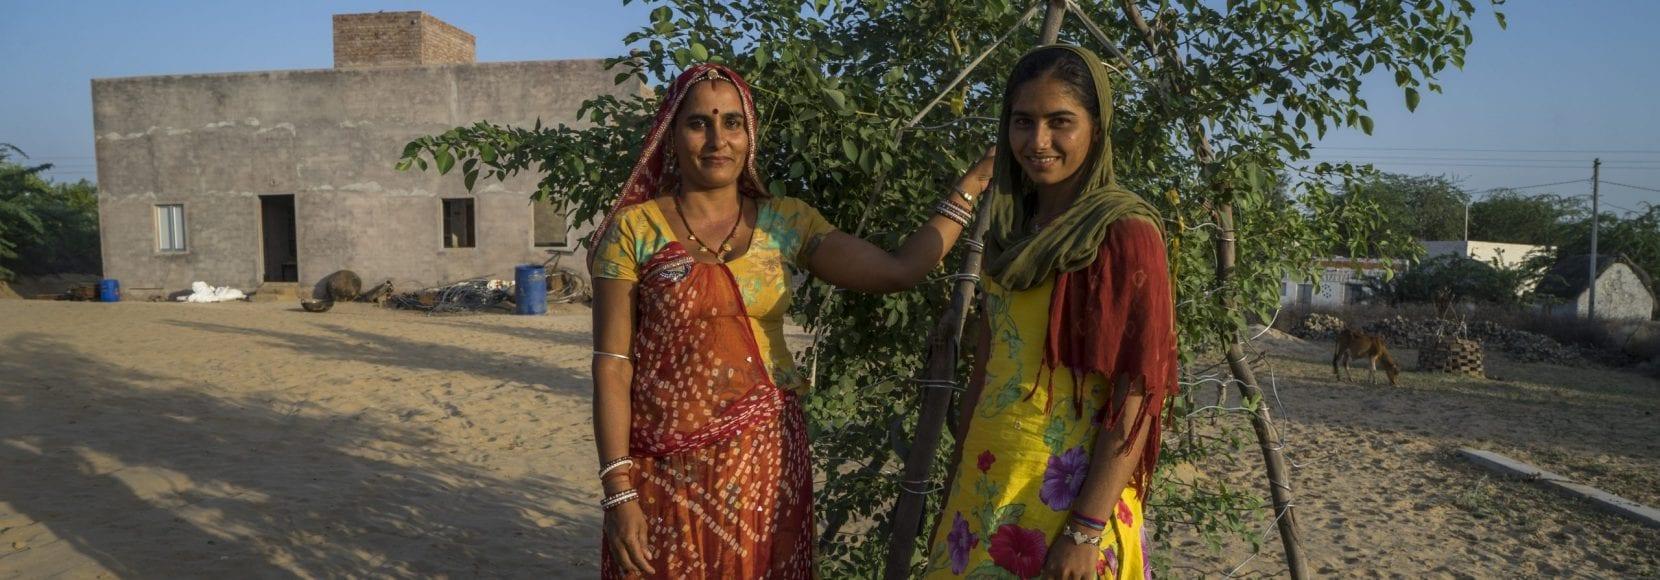 Guar farmers in India